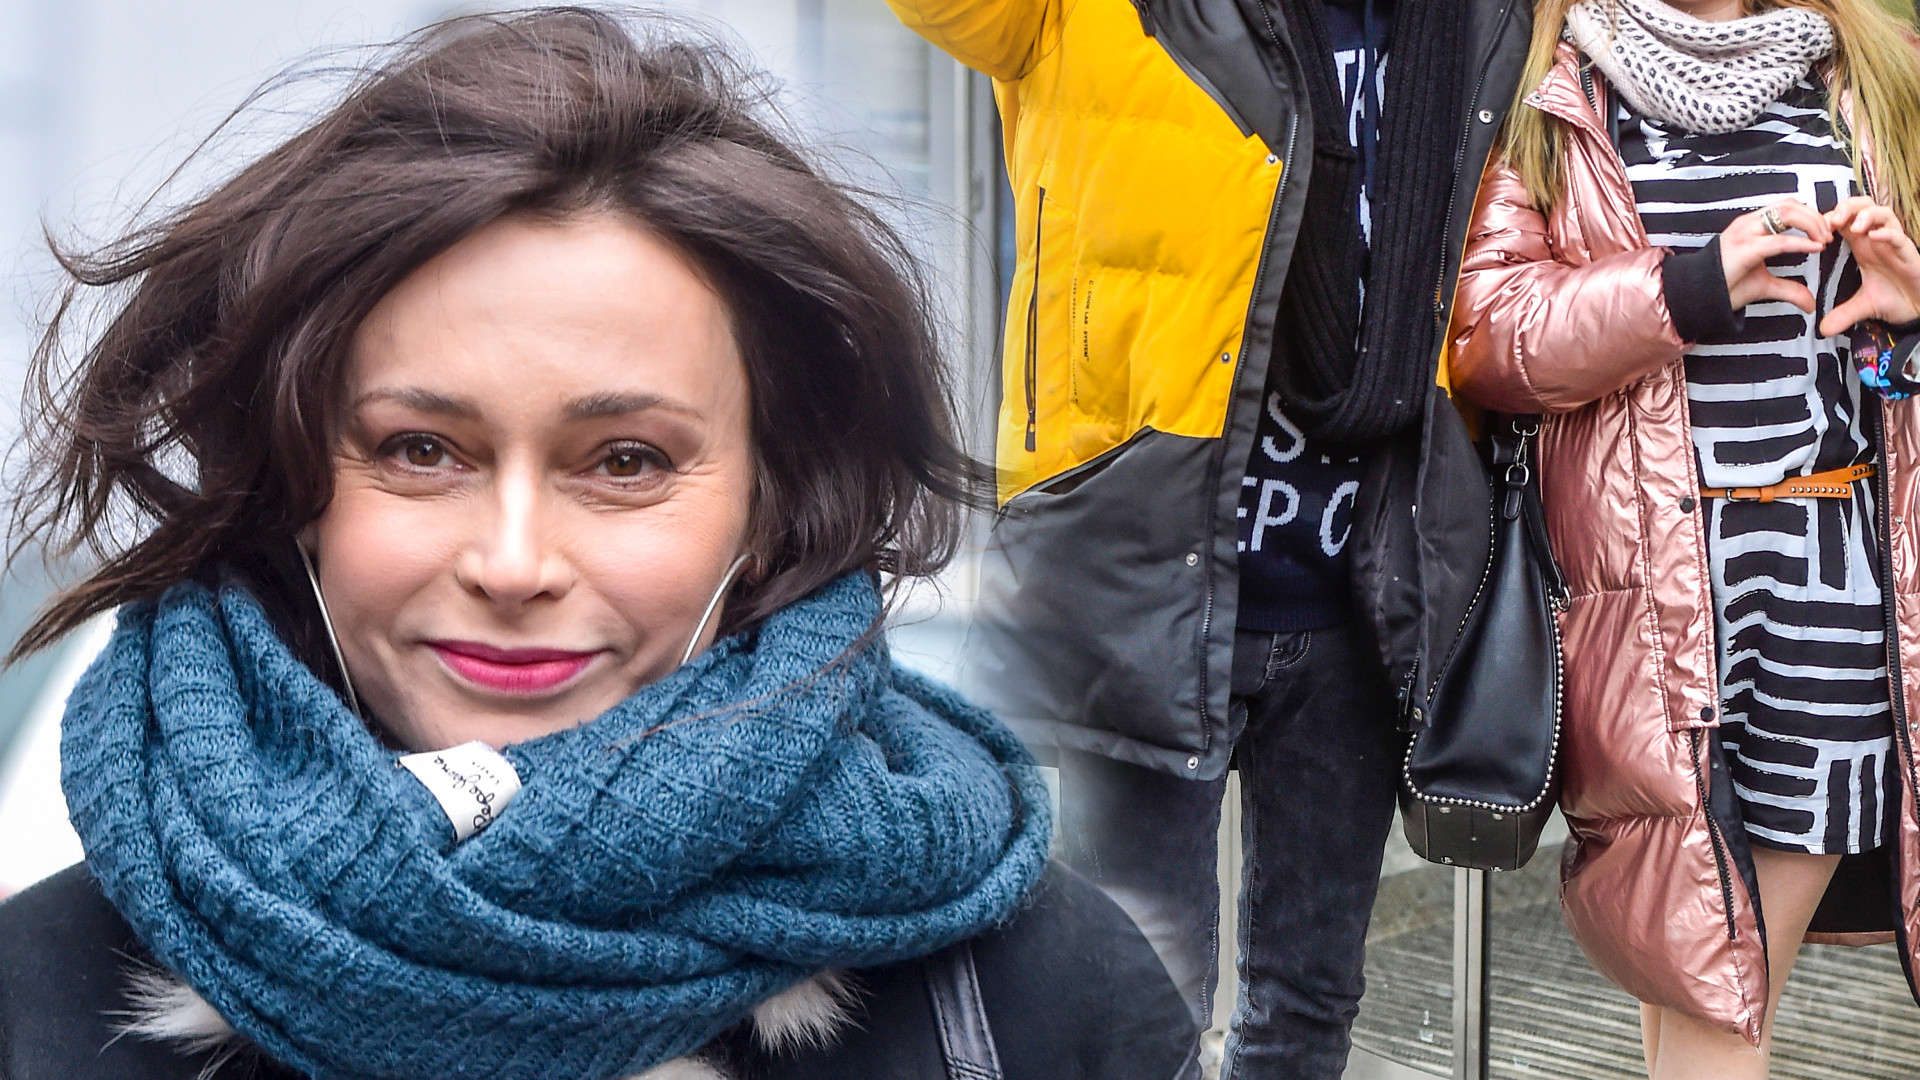 """Gwiazdy DDTVN: Renata Dancewicz, aktor """"13 posterunku"""" z córką (ZDJĘCIA)"""